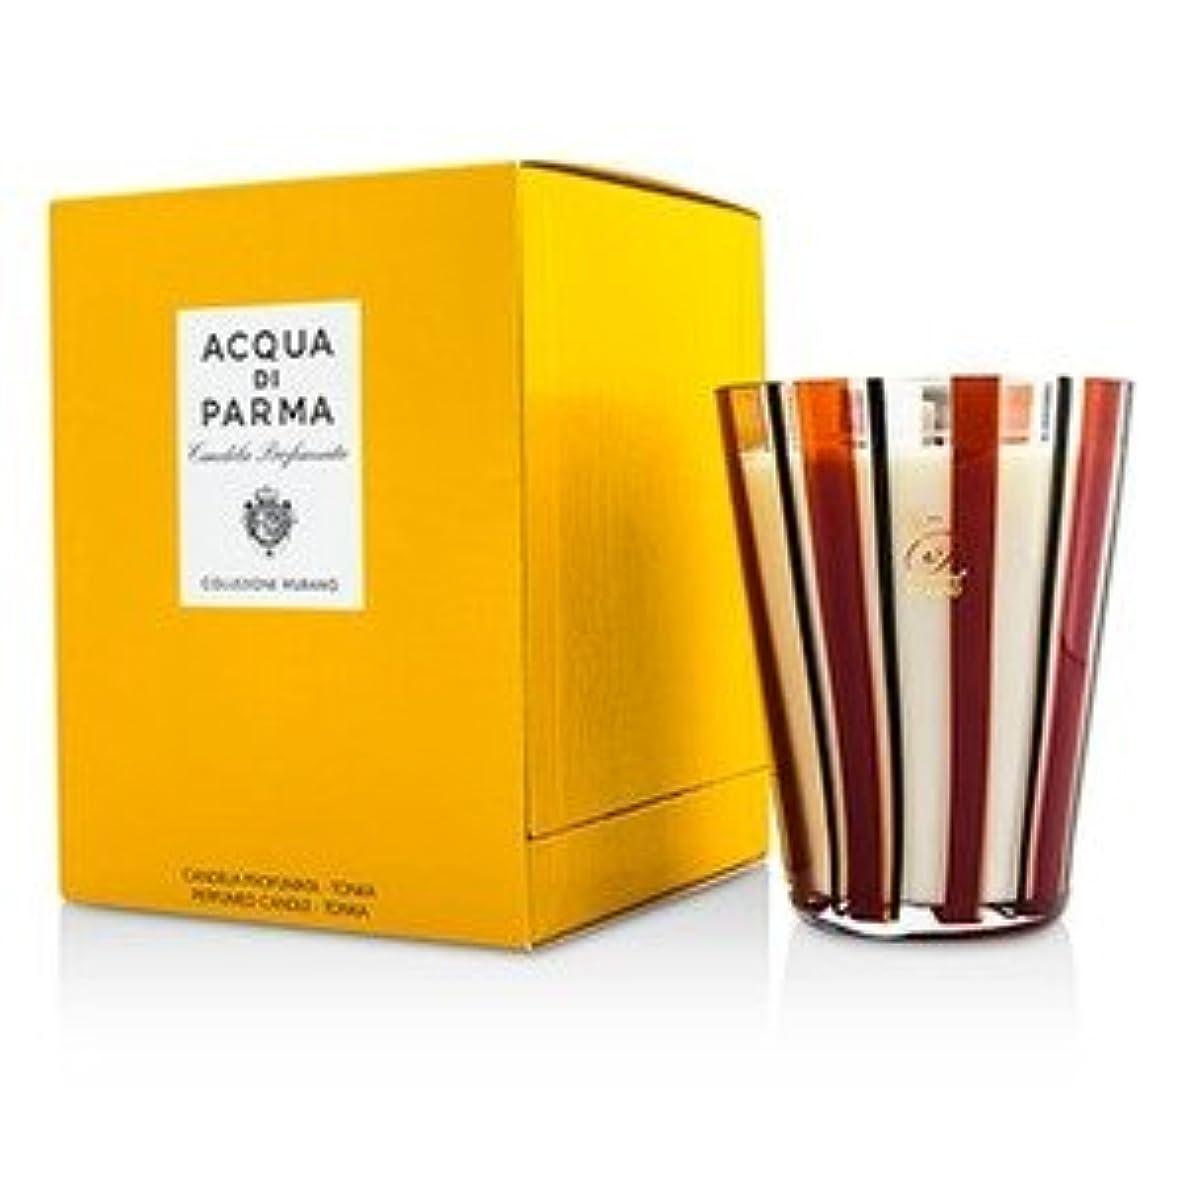 特性メジャー近所のアクア ディ パルマ[Acqua Di Parma] ムラノ グラス パフューム キャンドル - Tonka 200g/7.05oz [並行輸入品]